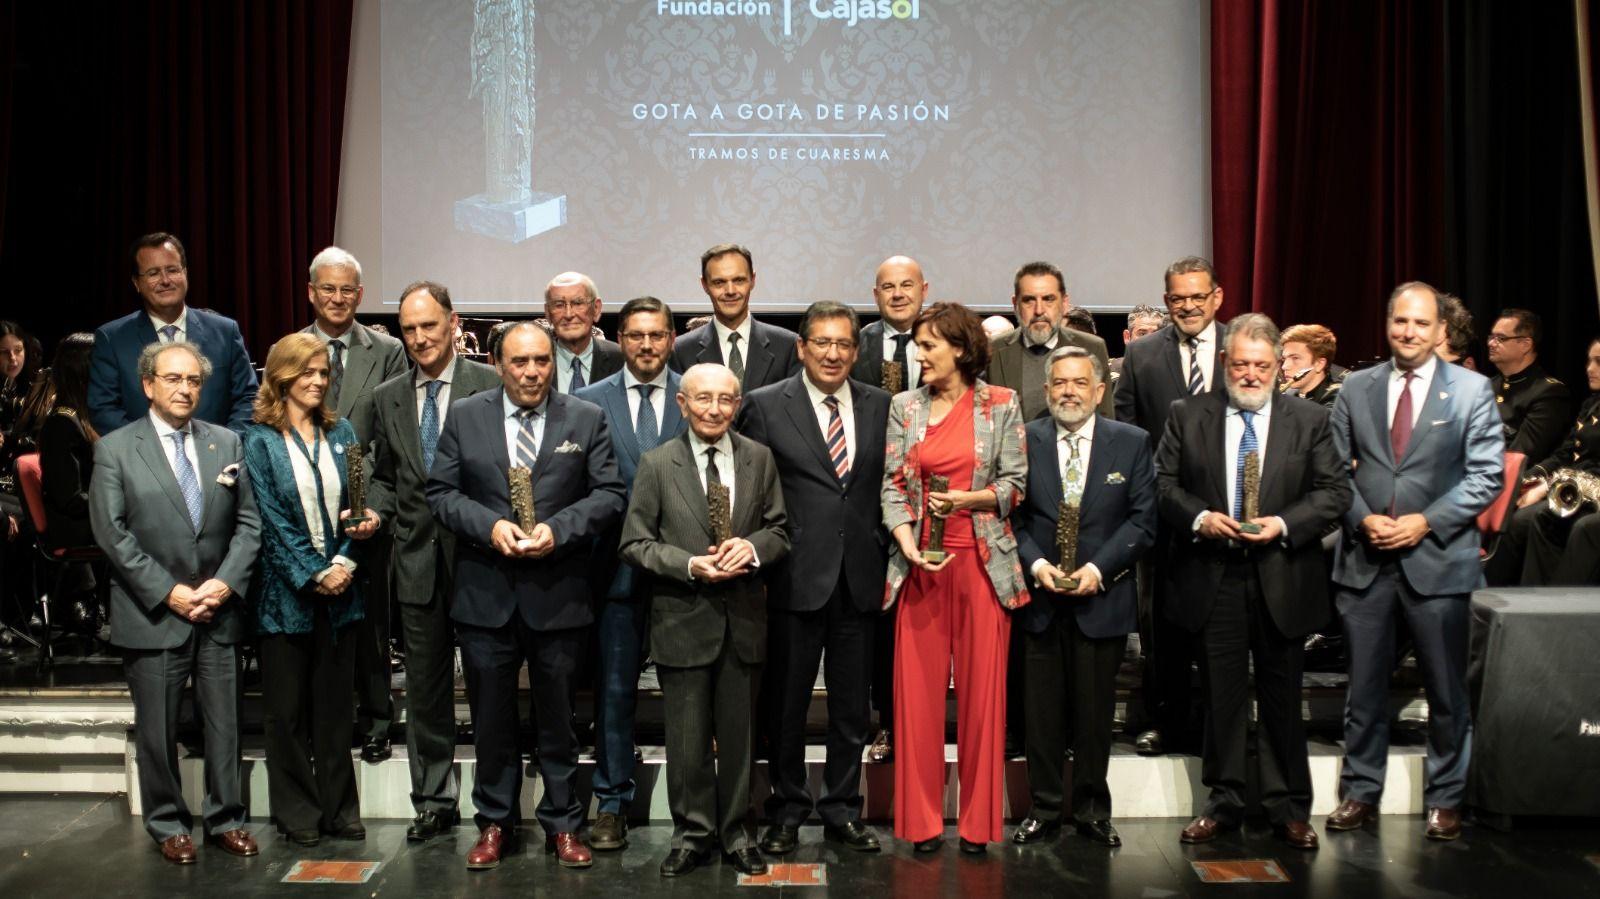 Cajasol Gota a Gota de Pasión 2019